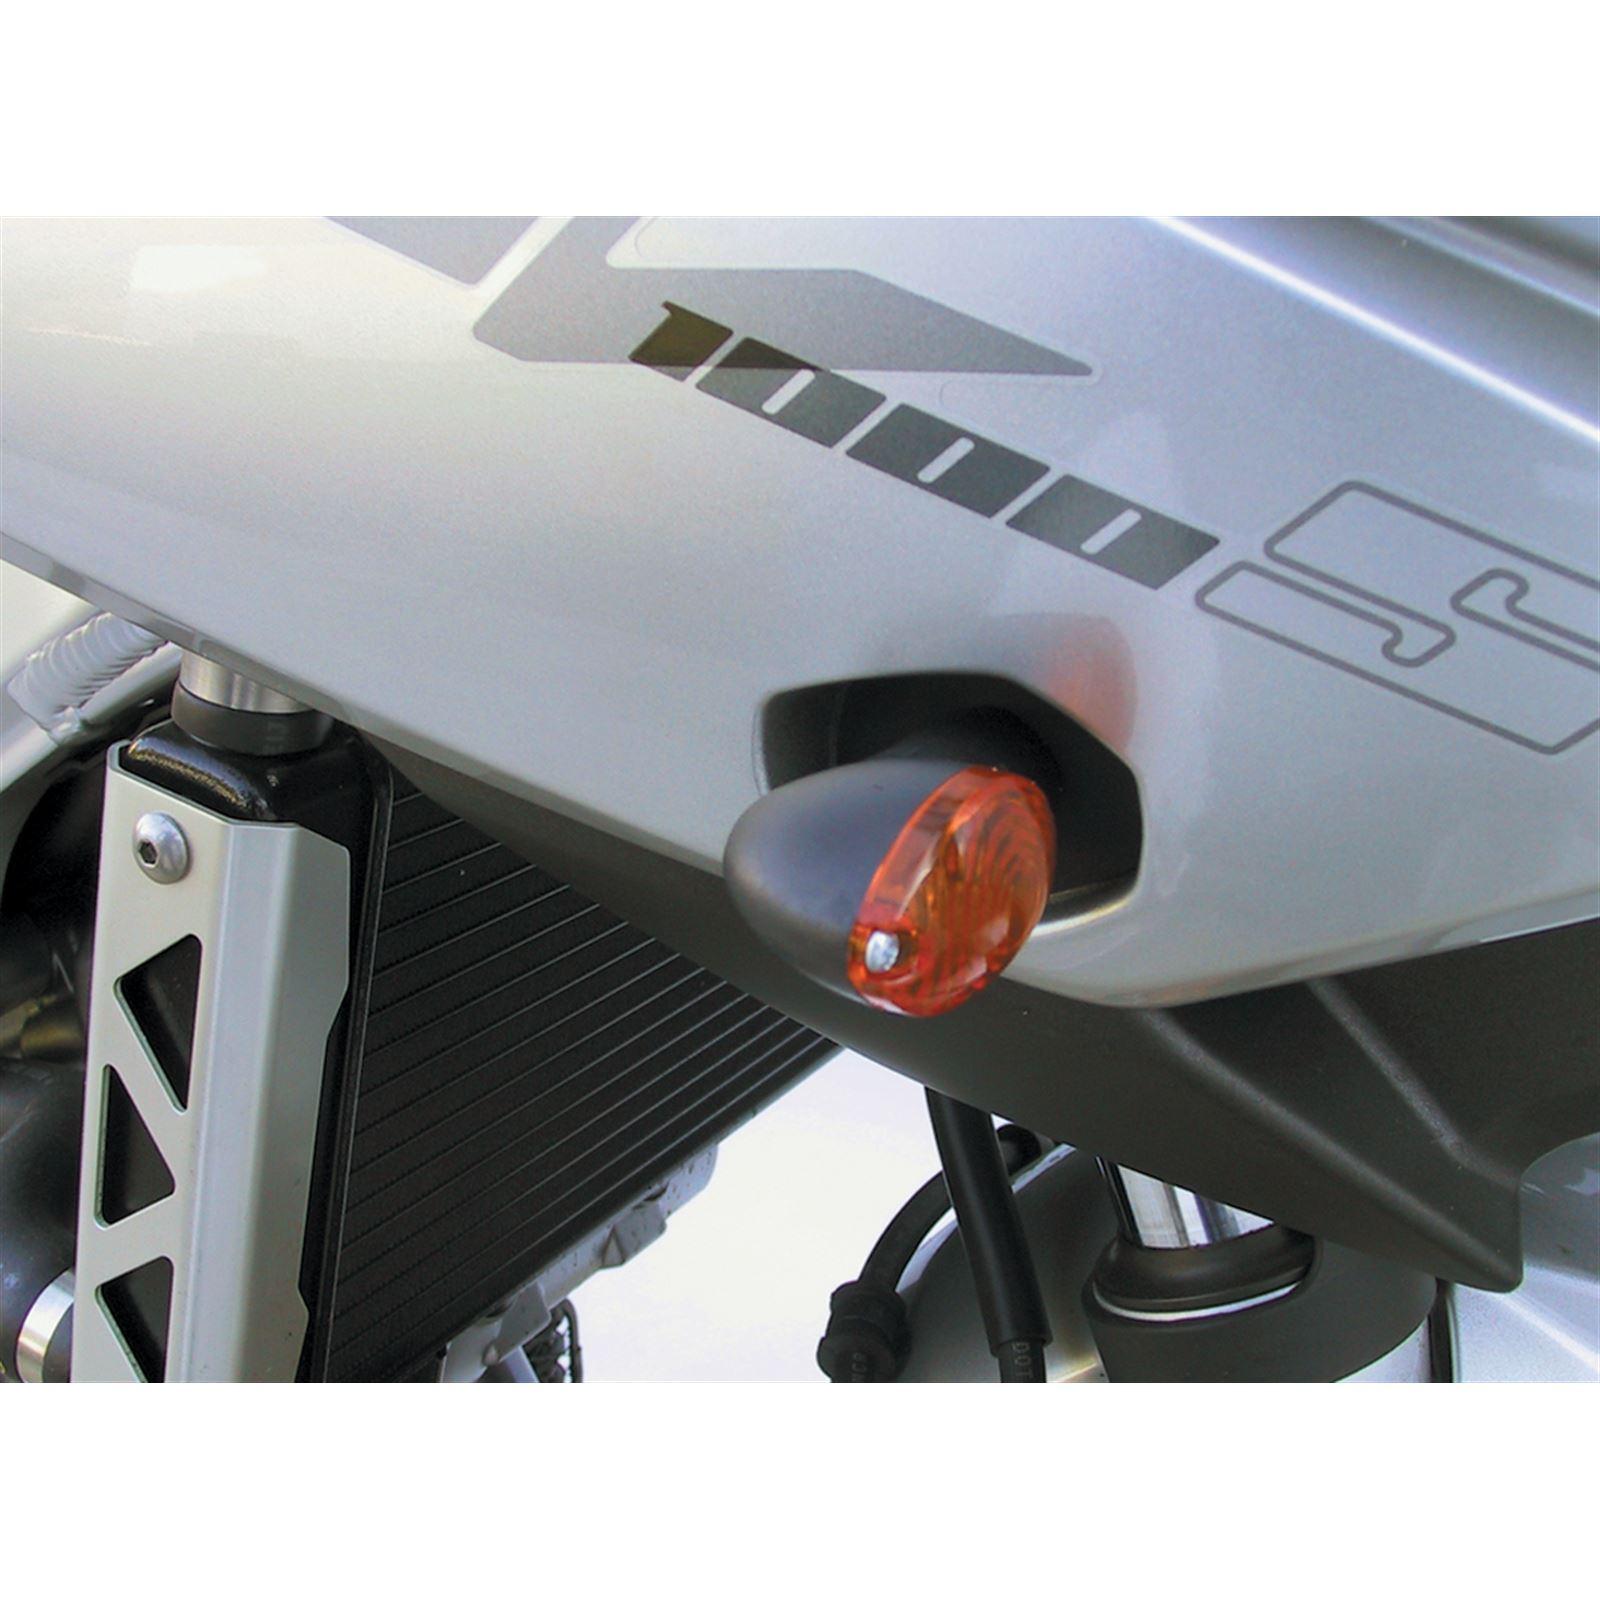 Targa Marker Light Adapter Plates